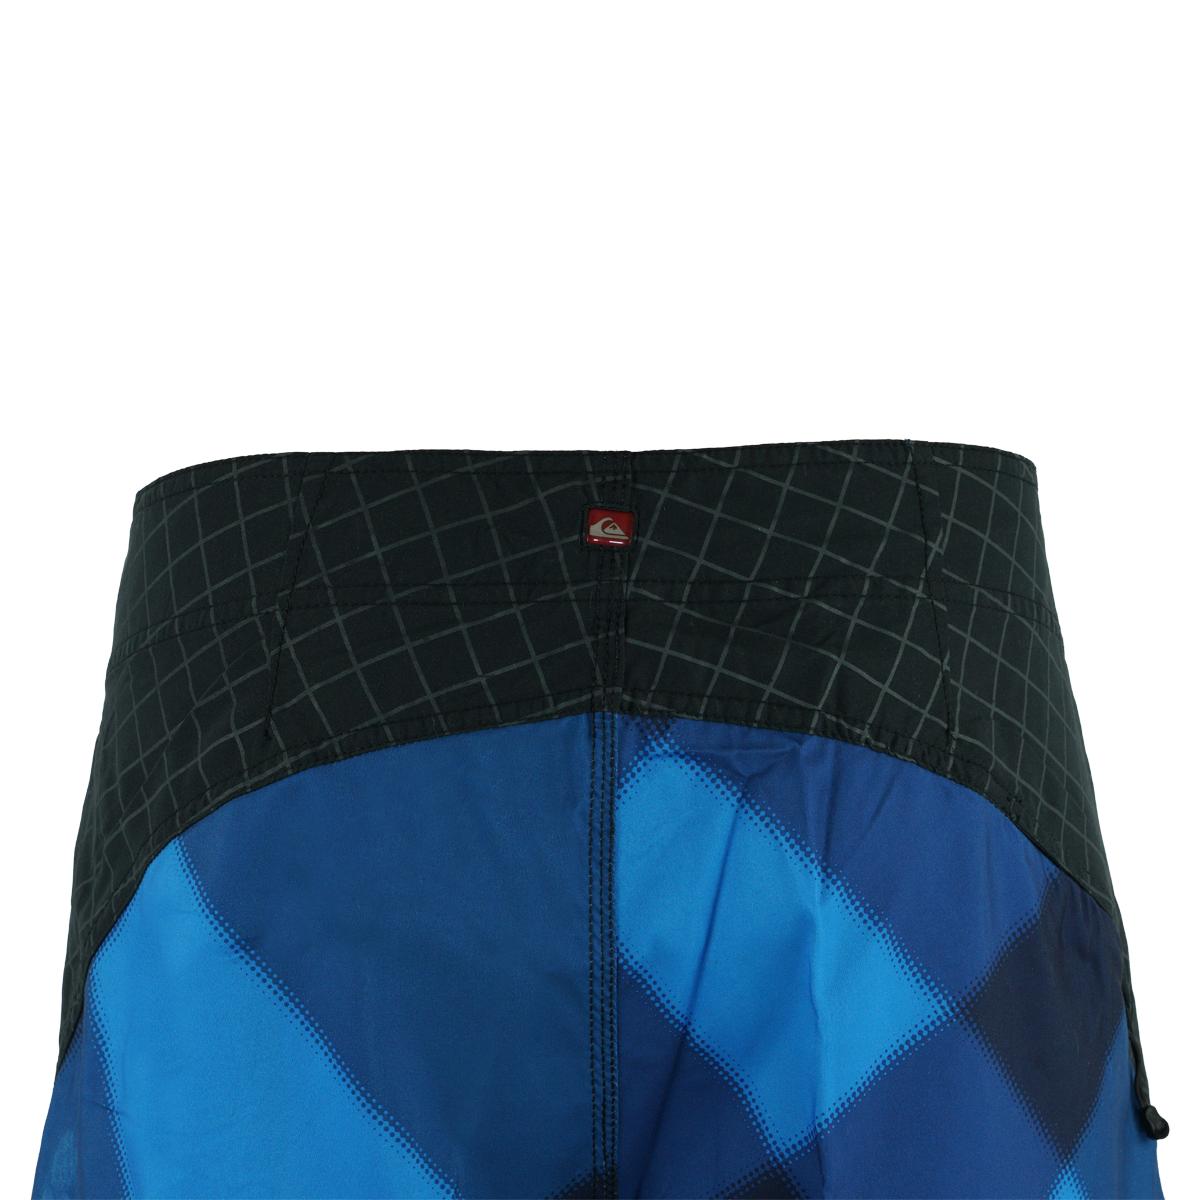 Quiksilver-Men-039-s-Geometric-Print-Boardshorts thumbnail 7